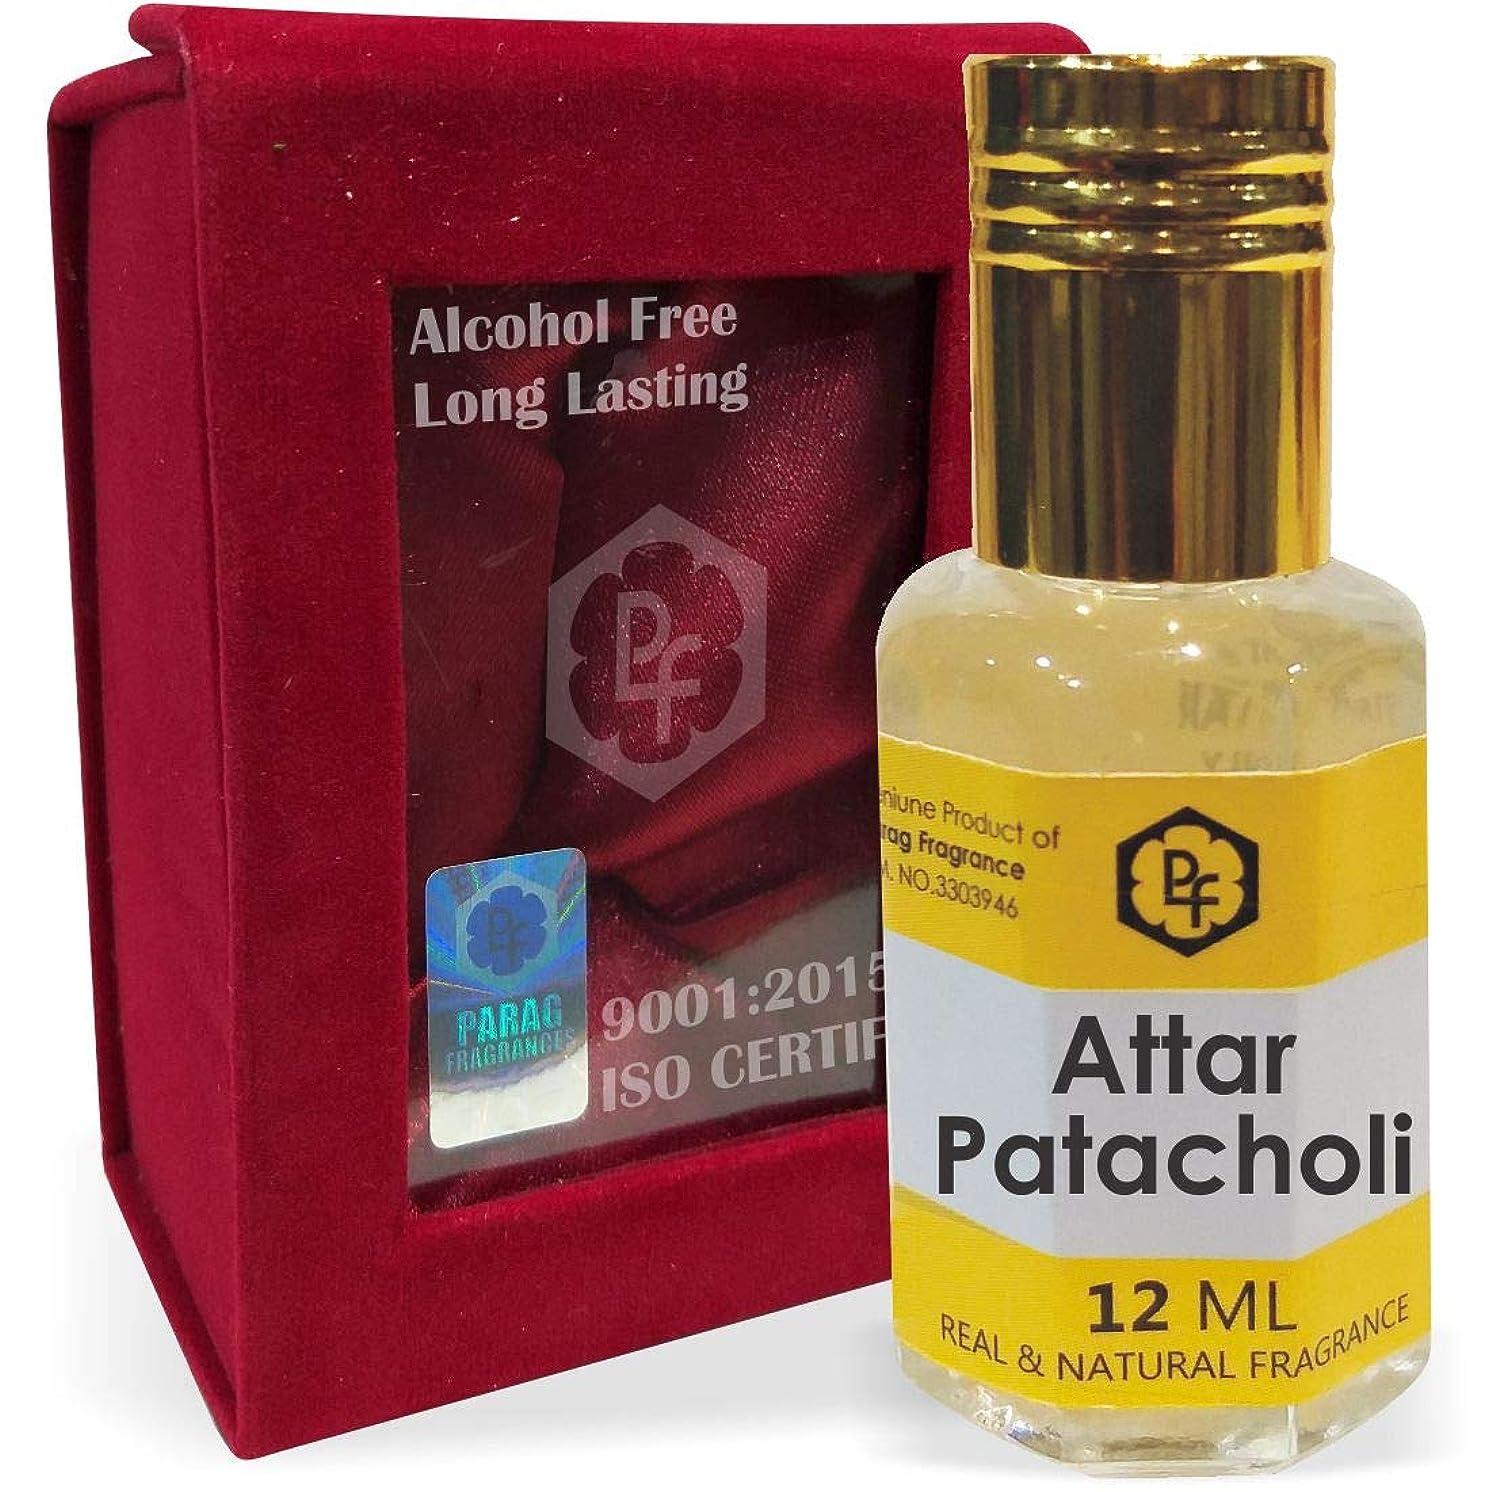 ピンポイント高尚な嵐が丘ParagフレグランスPatacholi手作りベルベットボックス12ミリリットルアター/香水(インドの伝統的なBhapka処理方法により、インド製)オイル/フレグランスオイル|長持ちアターITRA最高の品質